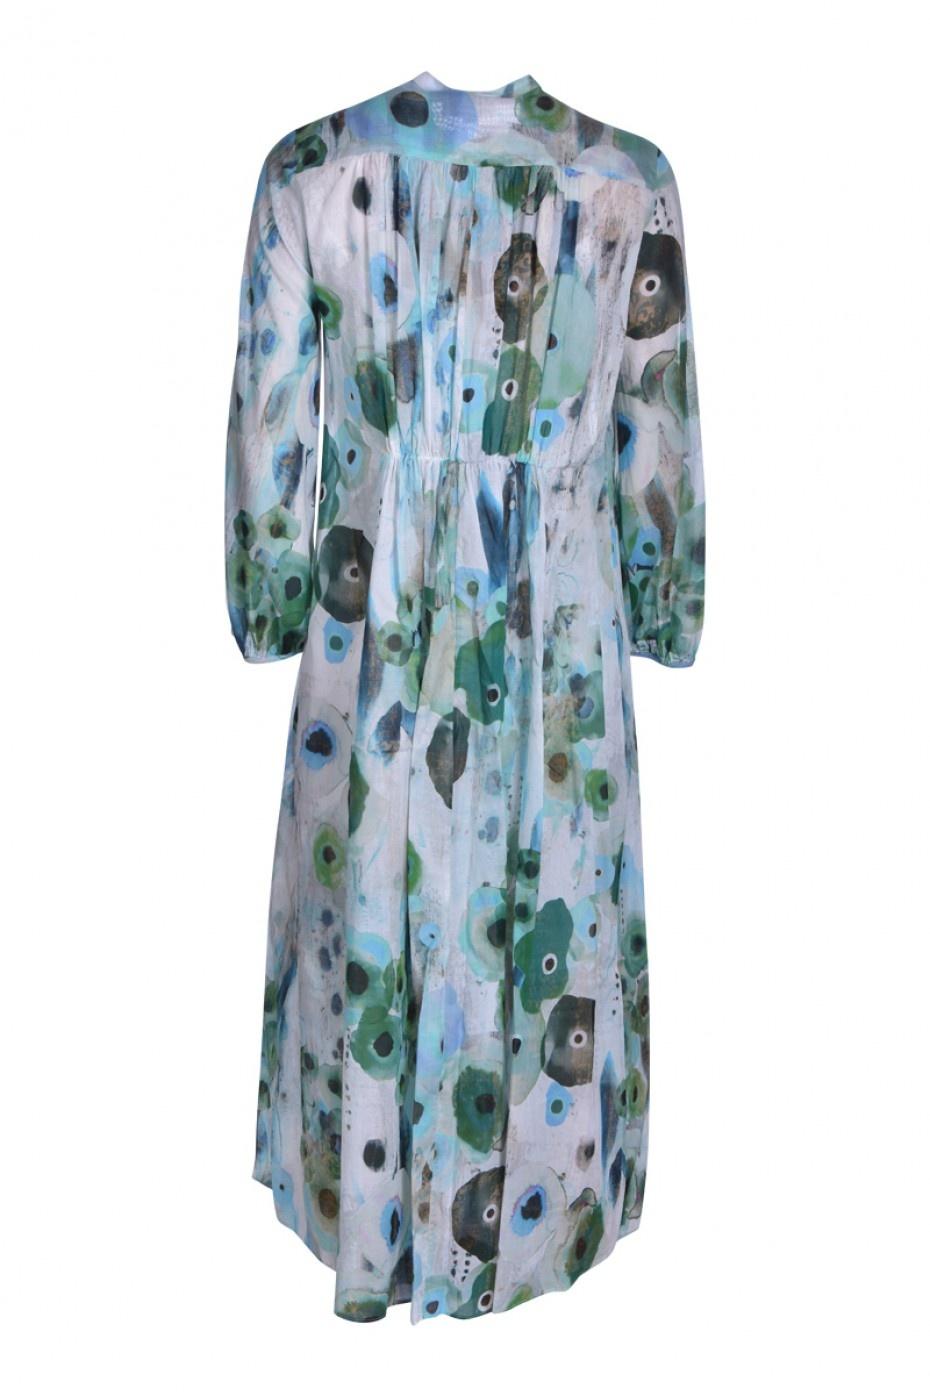 Laurel dress antonelli-2